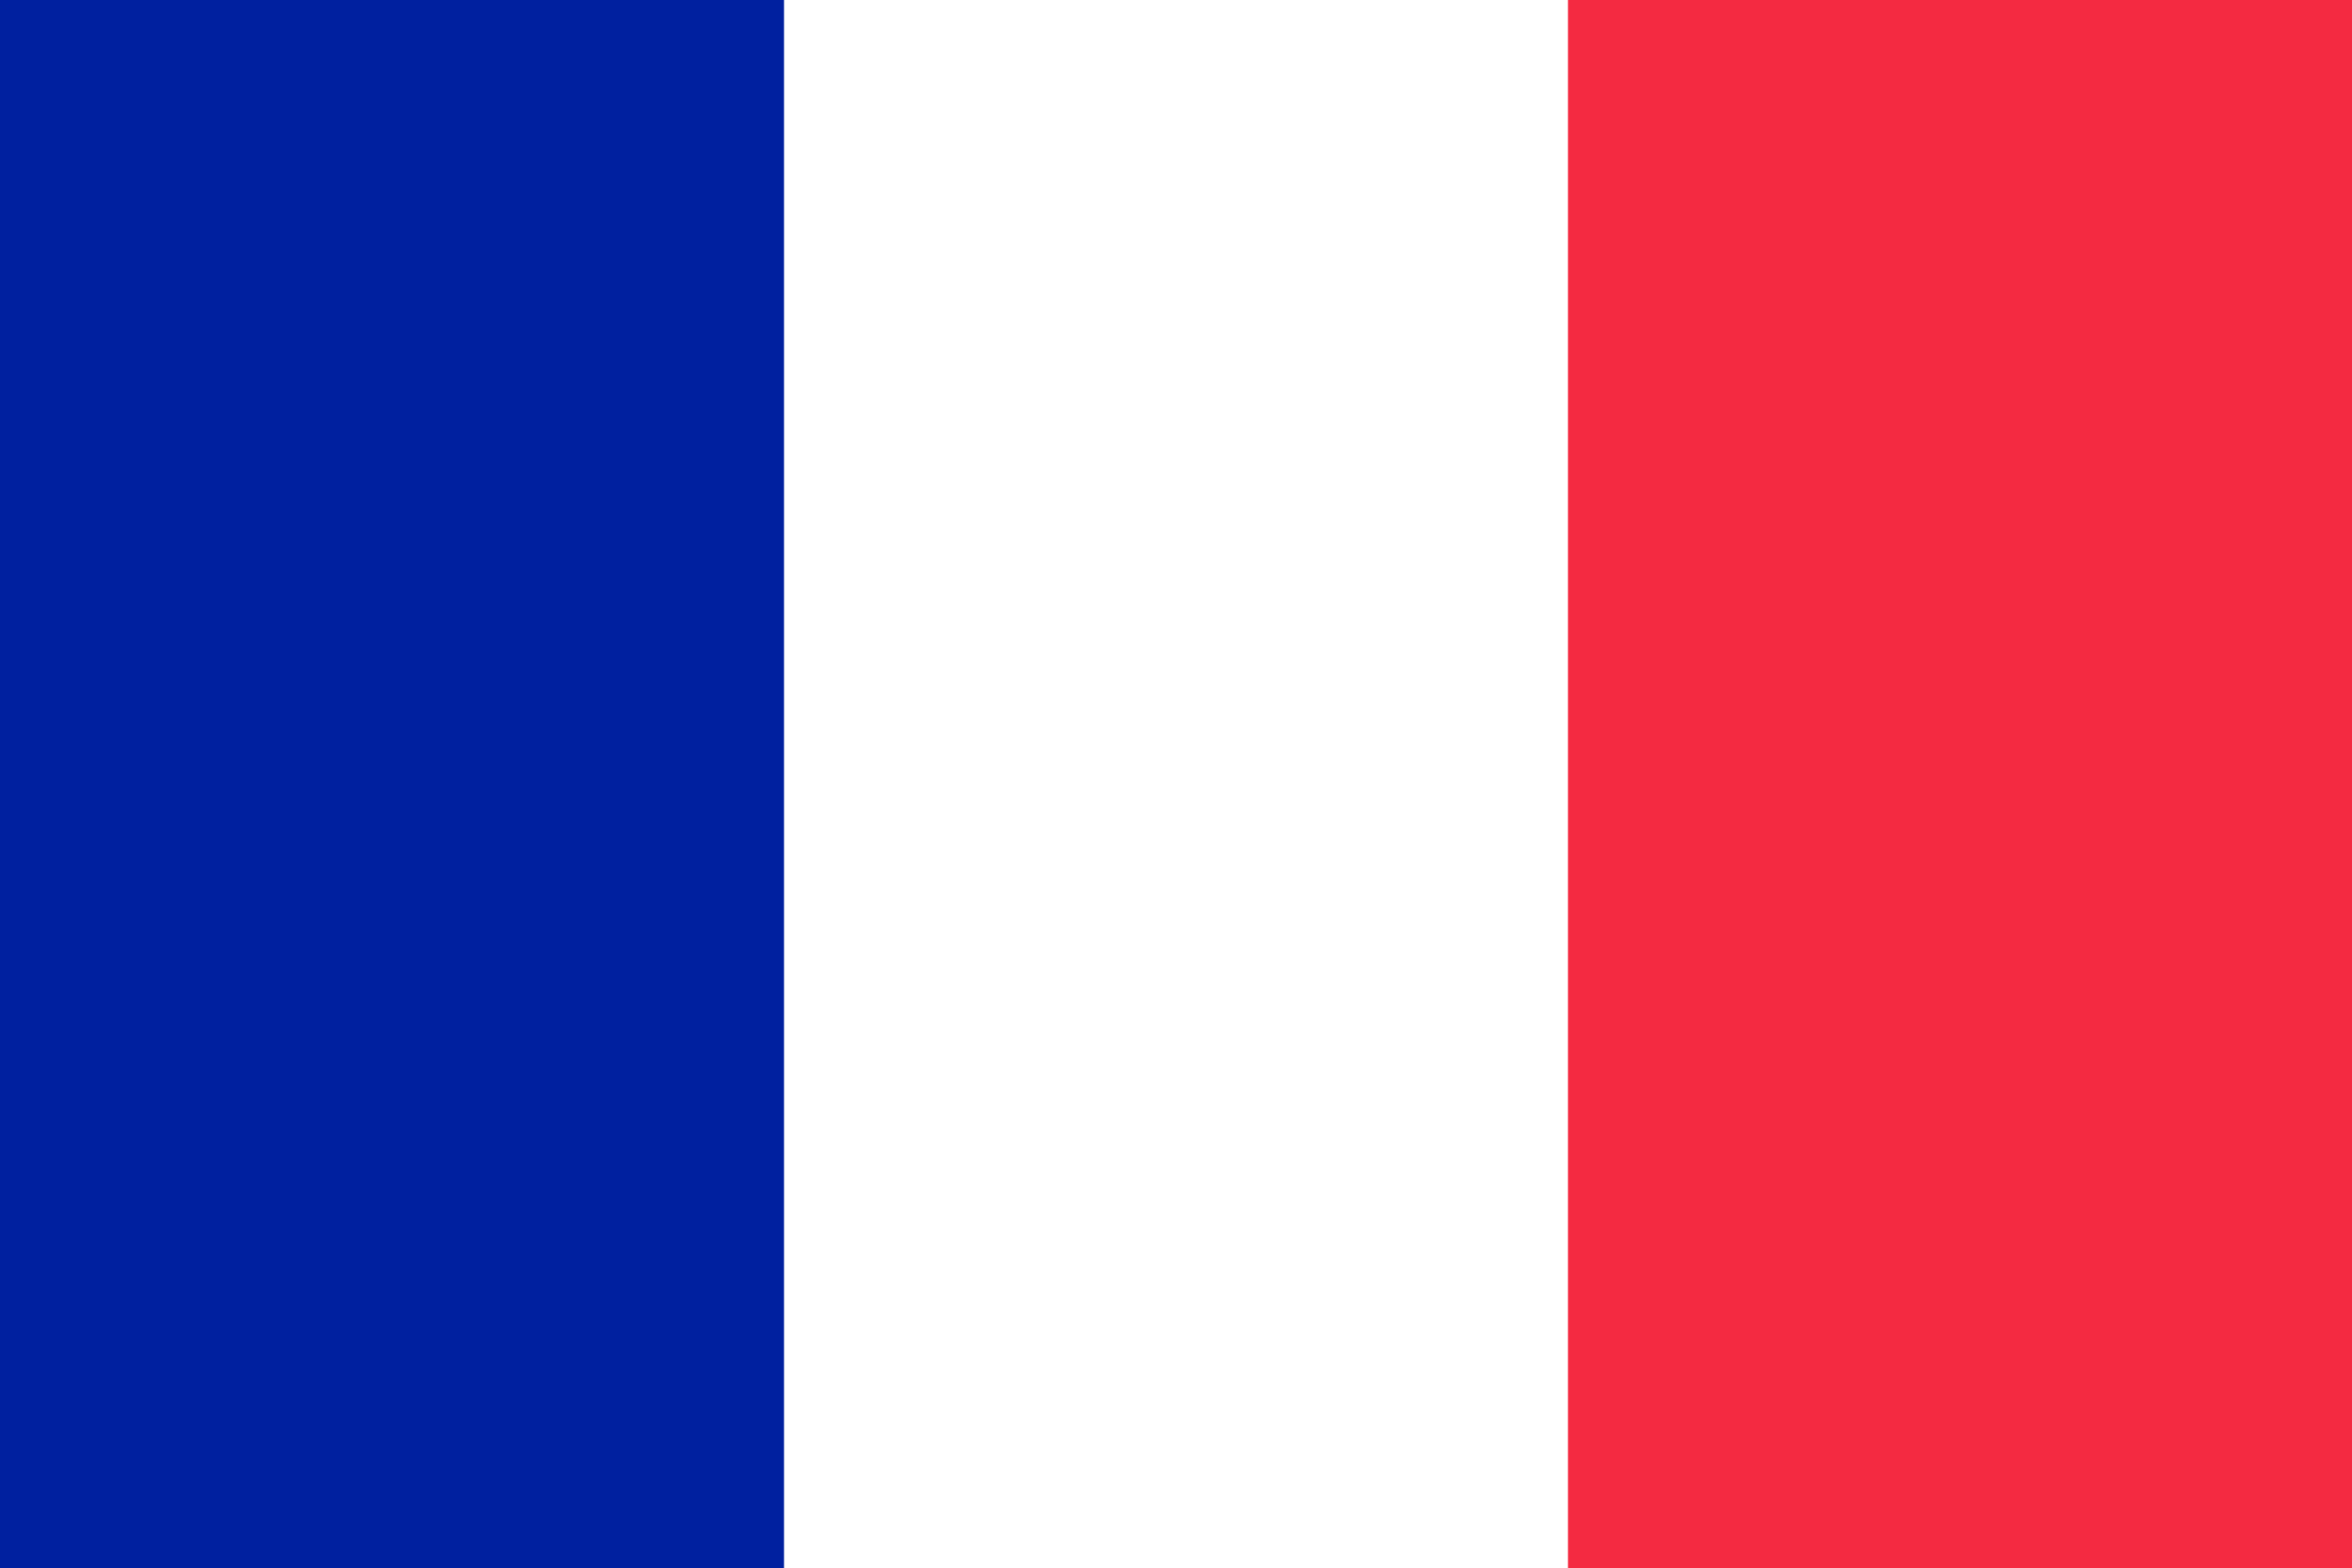 França, país, Brasão de armas, logotipo, símbolo - Papéis de parede HD - Professor-falken.com